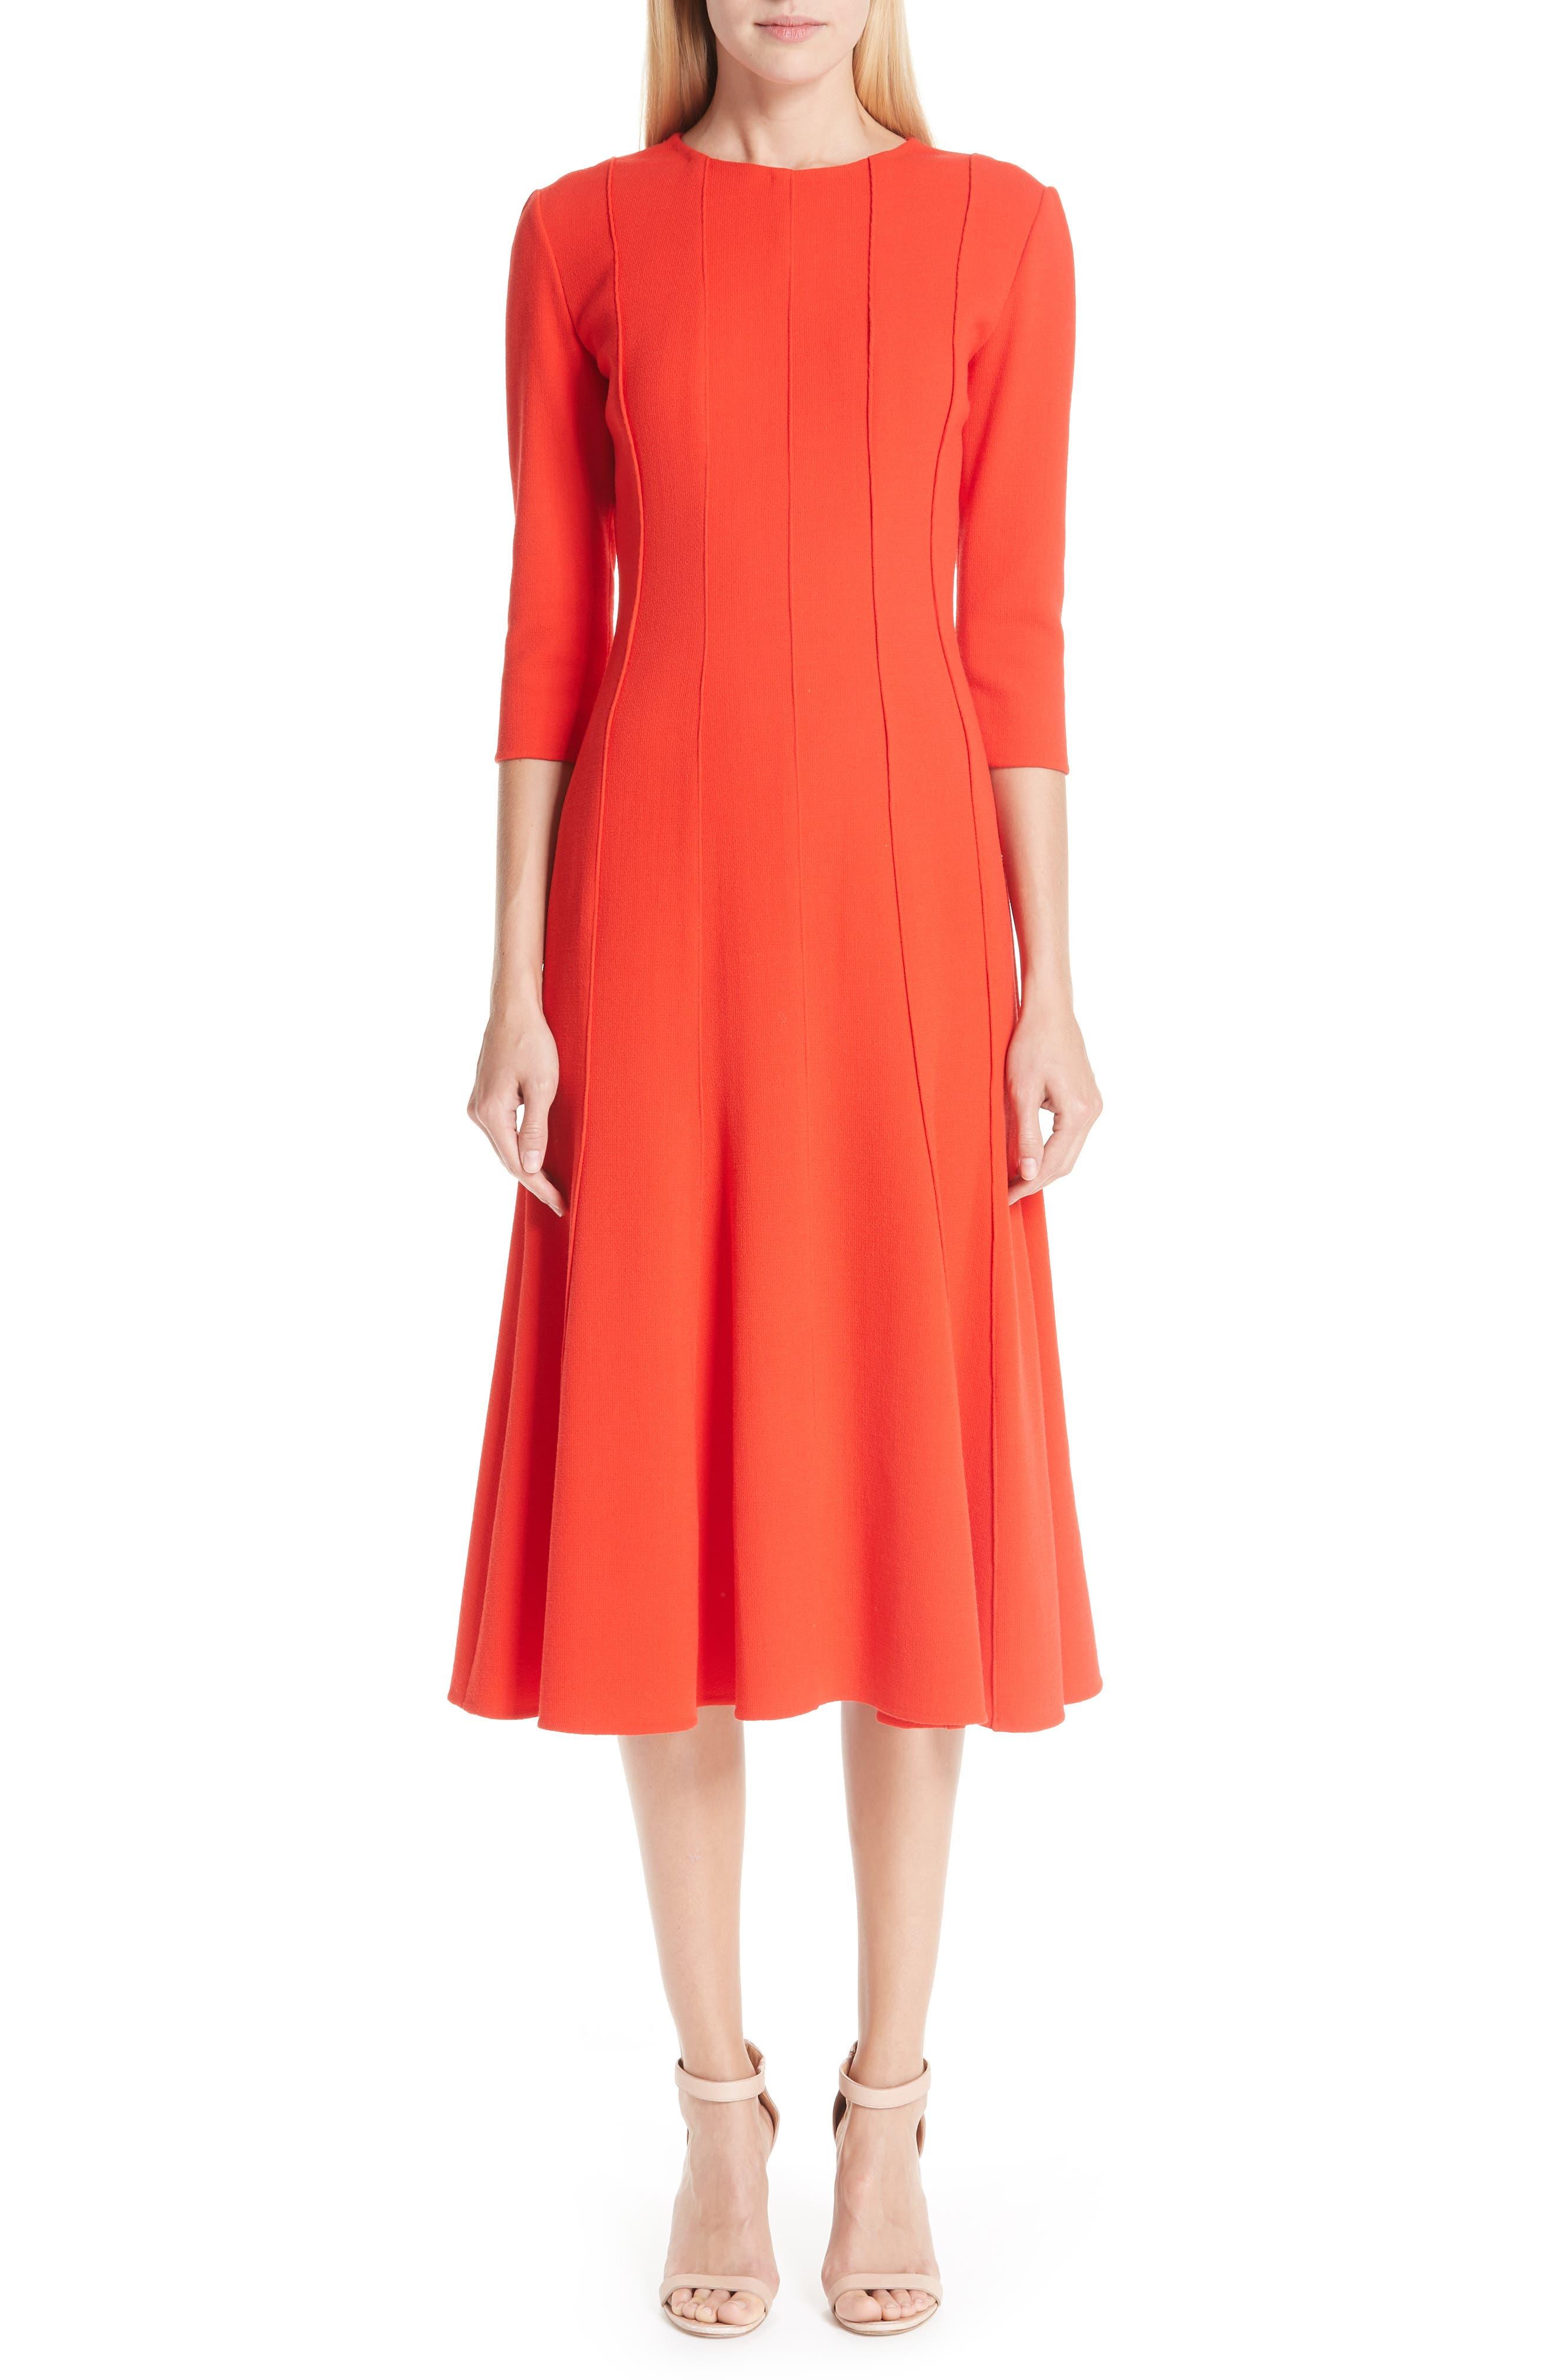 Oscar De La Renta Seam Detail Stretch Wool A-Line Midi Dress, Pink